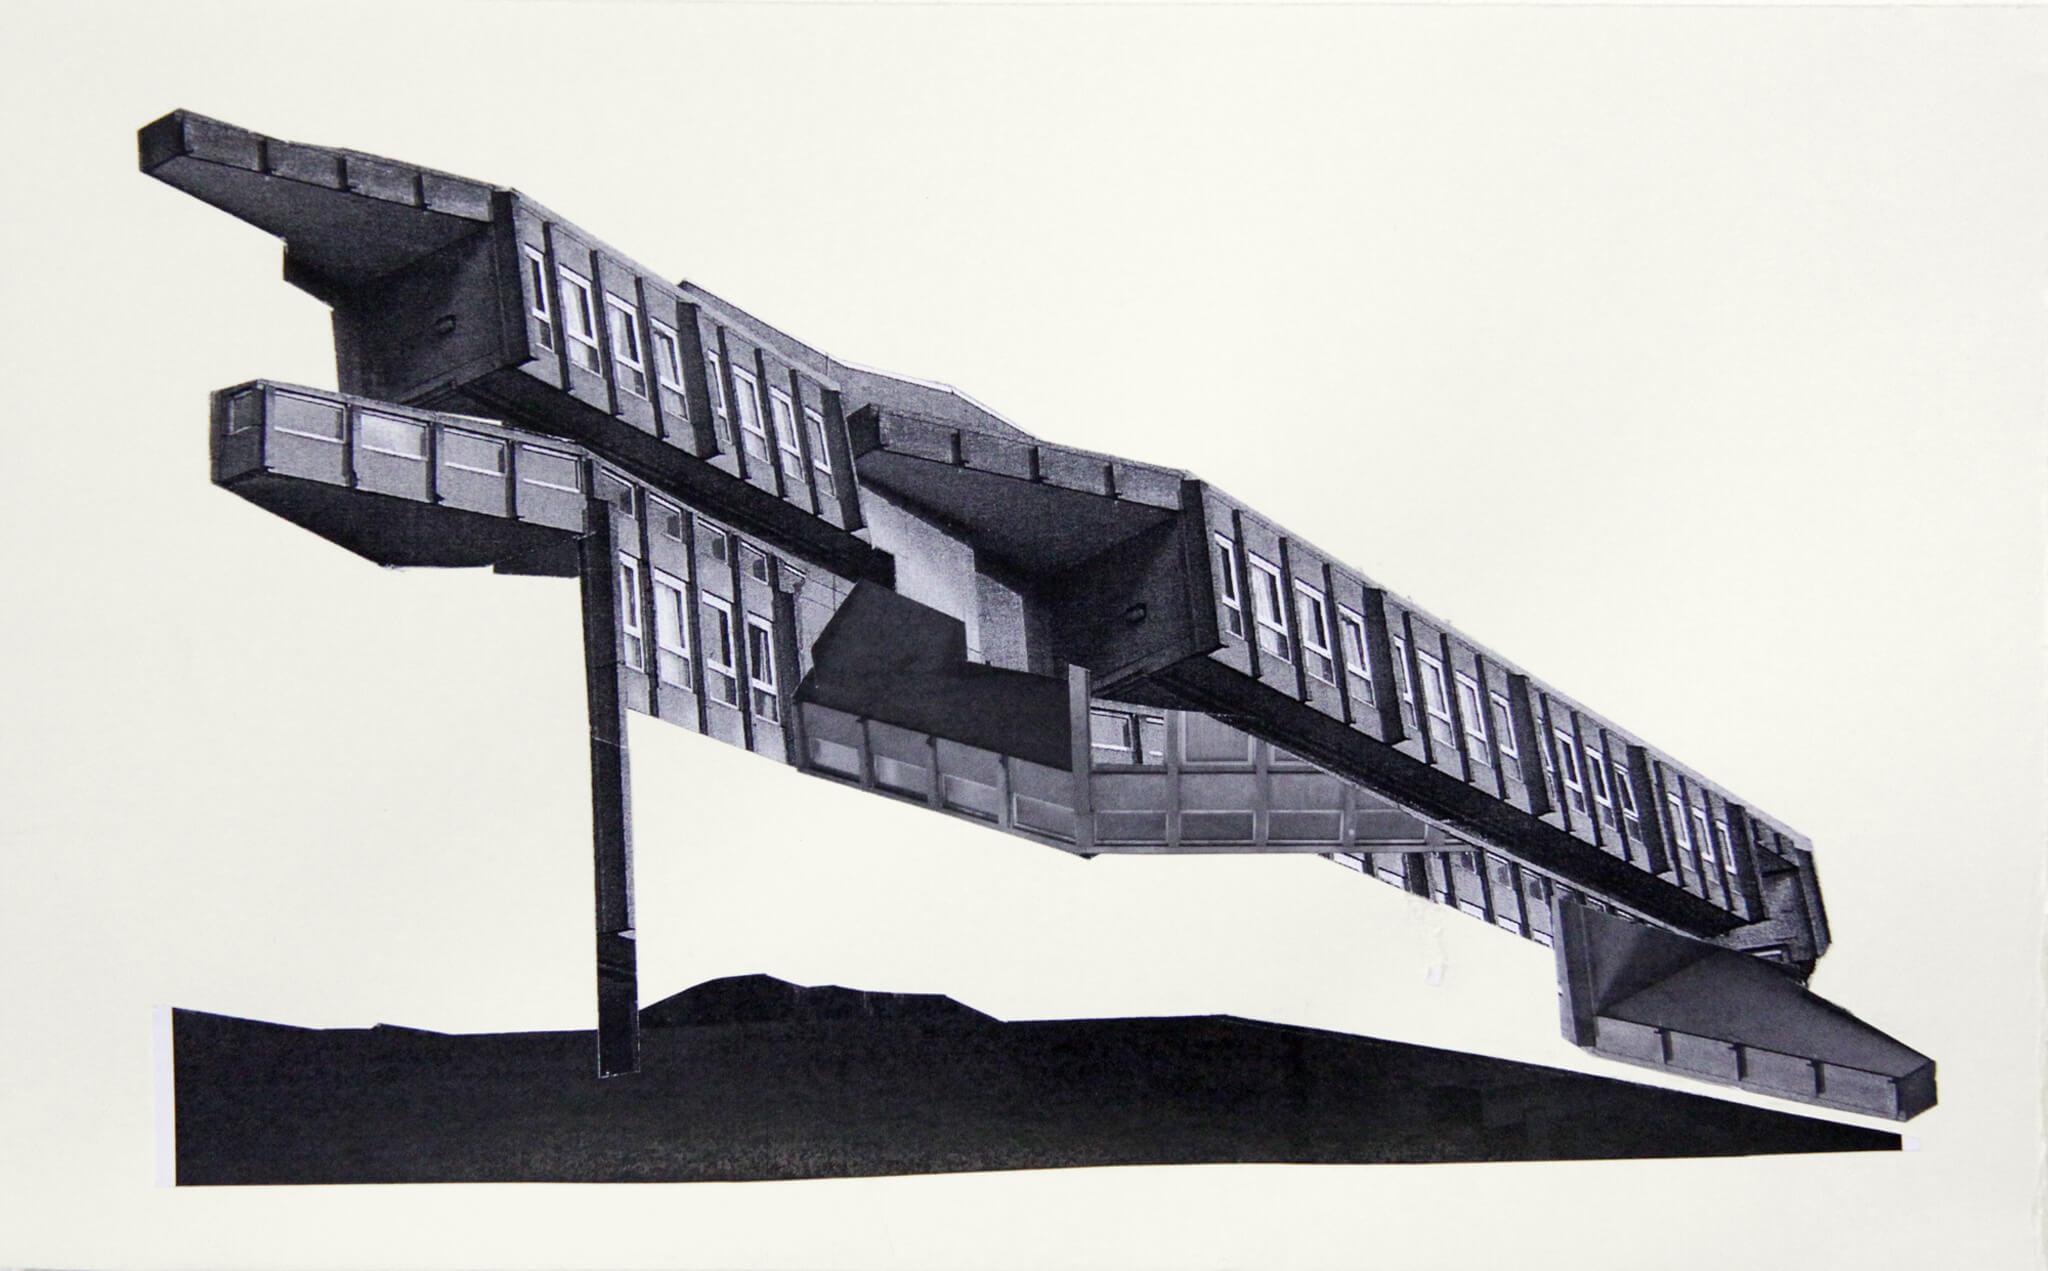 29_Frauke-Dannert_Collage_Papiercollage_Echse_2012